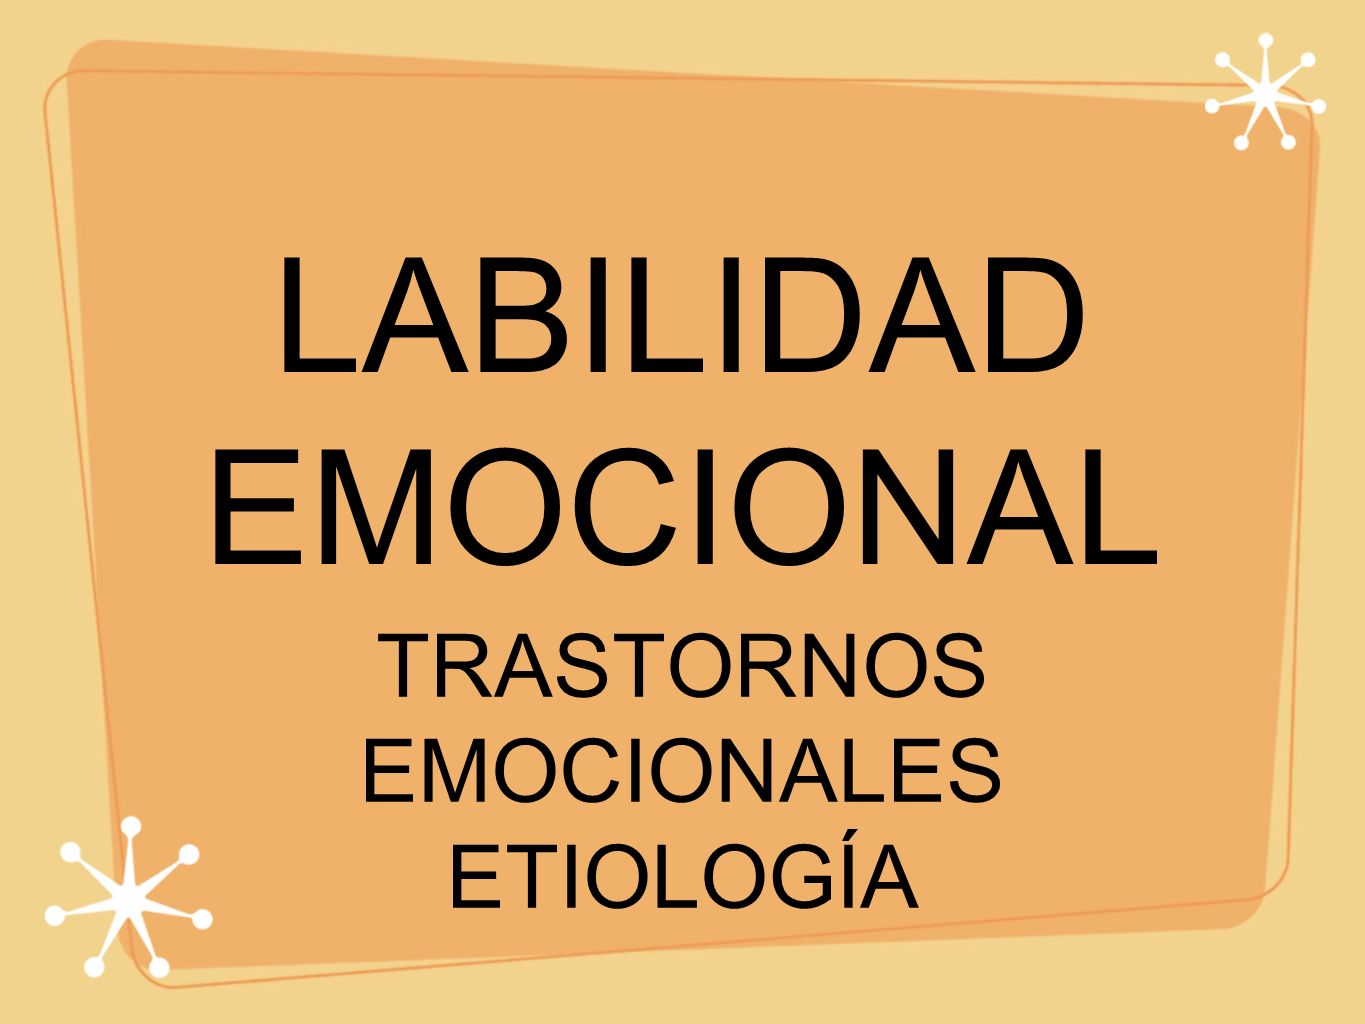 TRASTORNOS EMOCIONALES